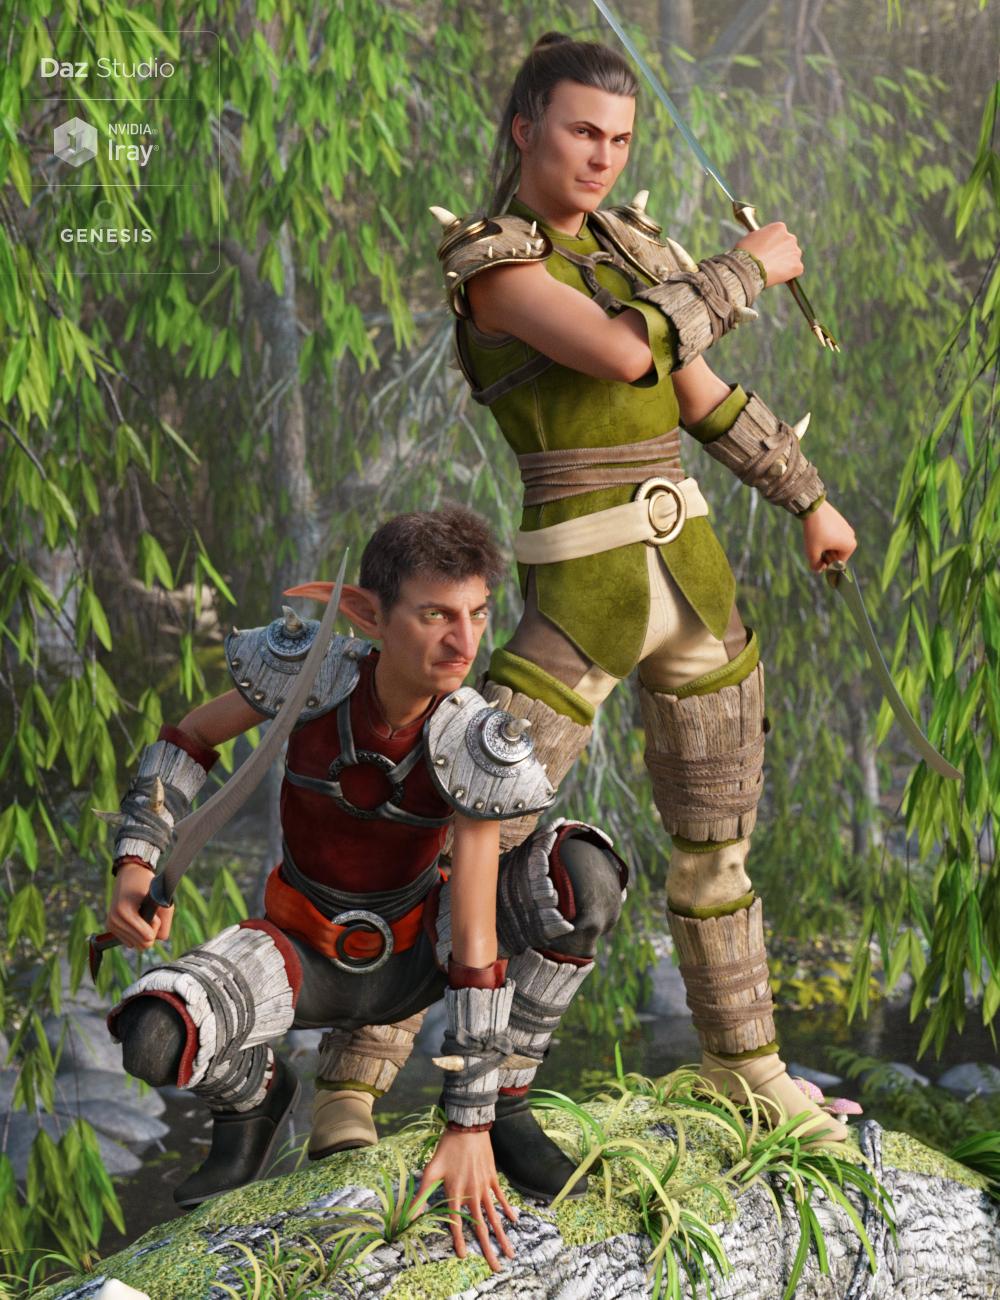 Oak Defender Outfit Textures by: Arien, 3D Models by Daz 3D